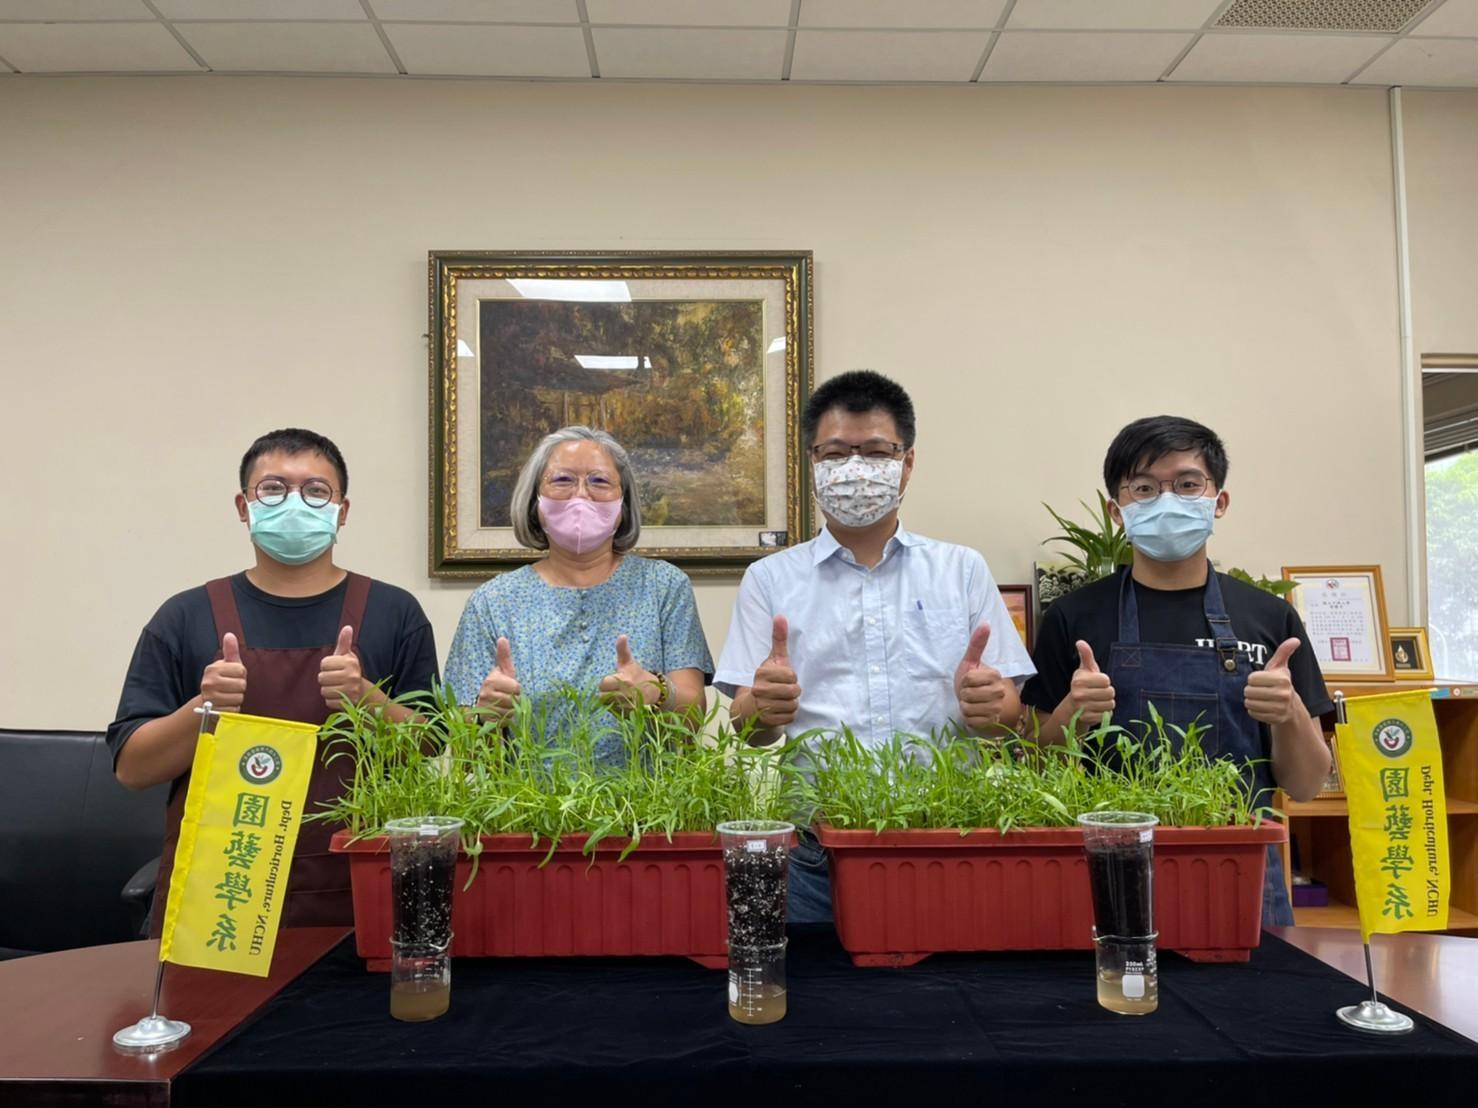 中興大學園藝系吳振發主任(右2)、宋妤教授(左2)線上開課教民眾種菜